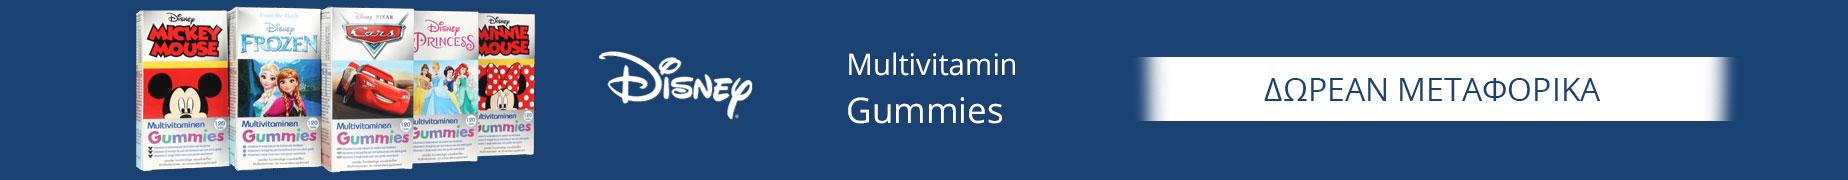 Disney Multivitamin Gummmies | Δωρεάν Μεταφορικά στο ηλεκτρονικό φαρμακείο GreekPharm | Μην Χάσετε την Ευκαιρία